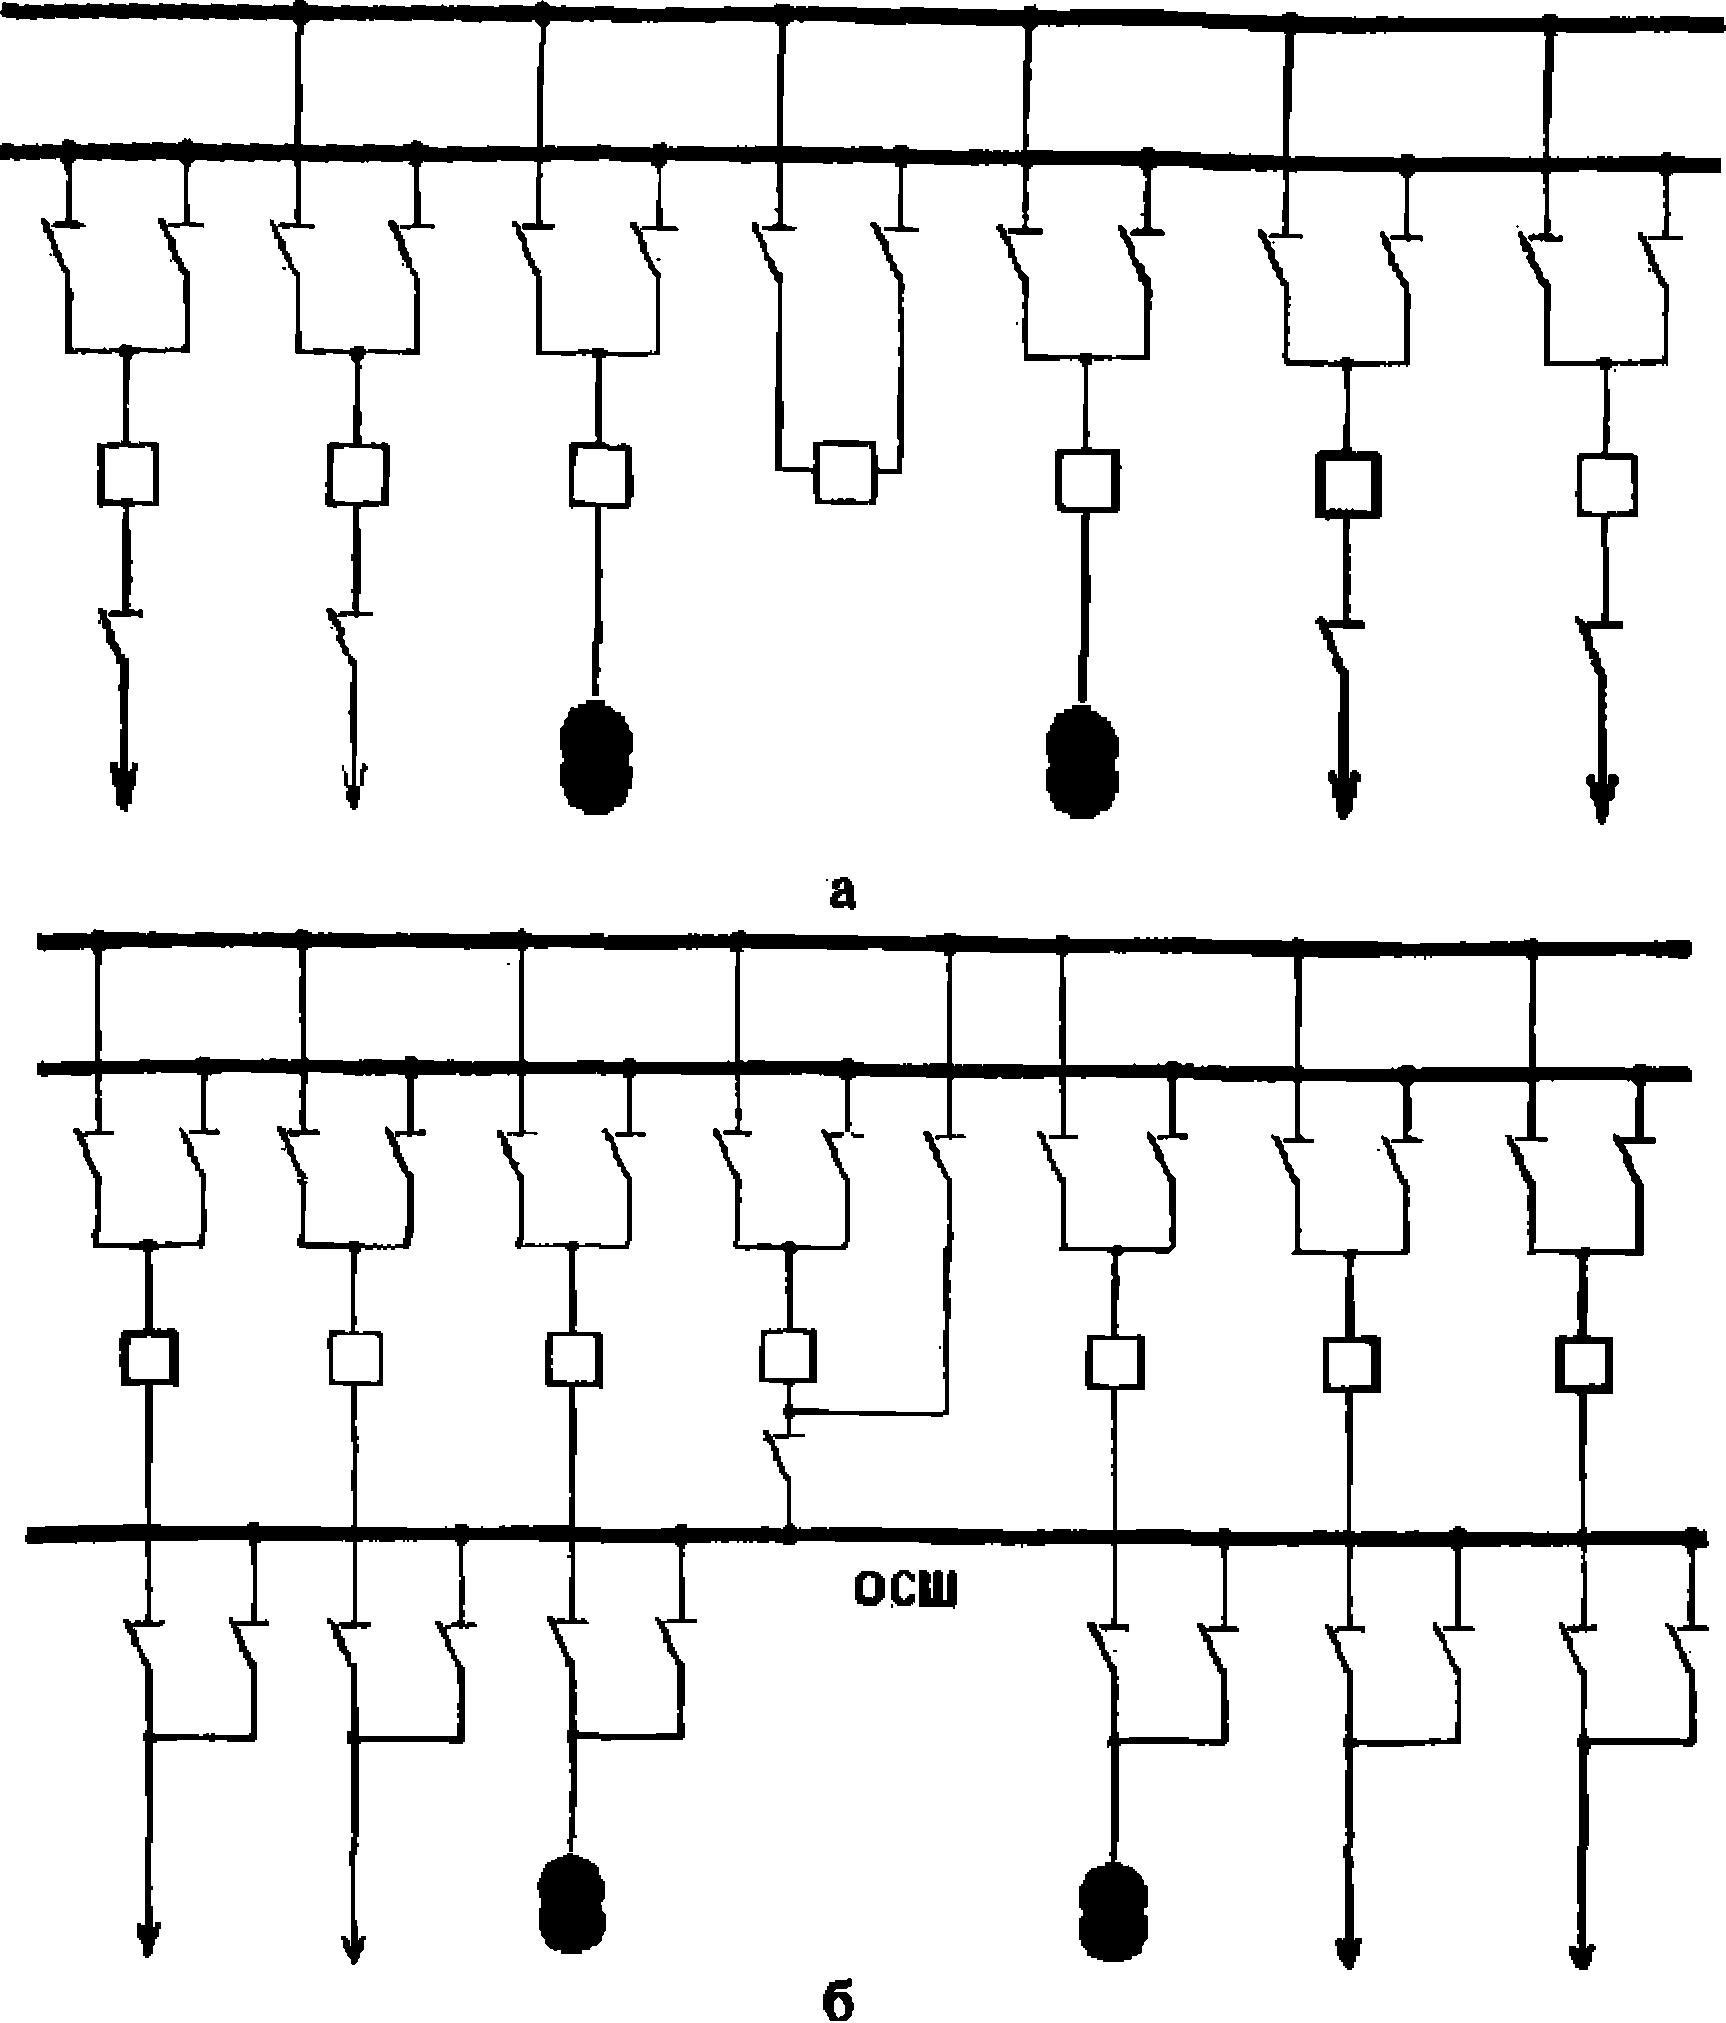 схема соединения квадратом подстанция